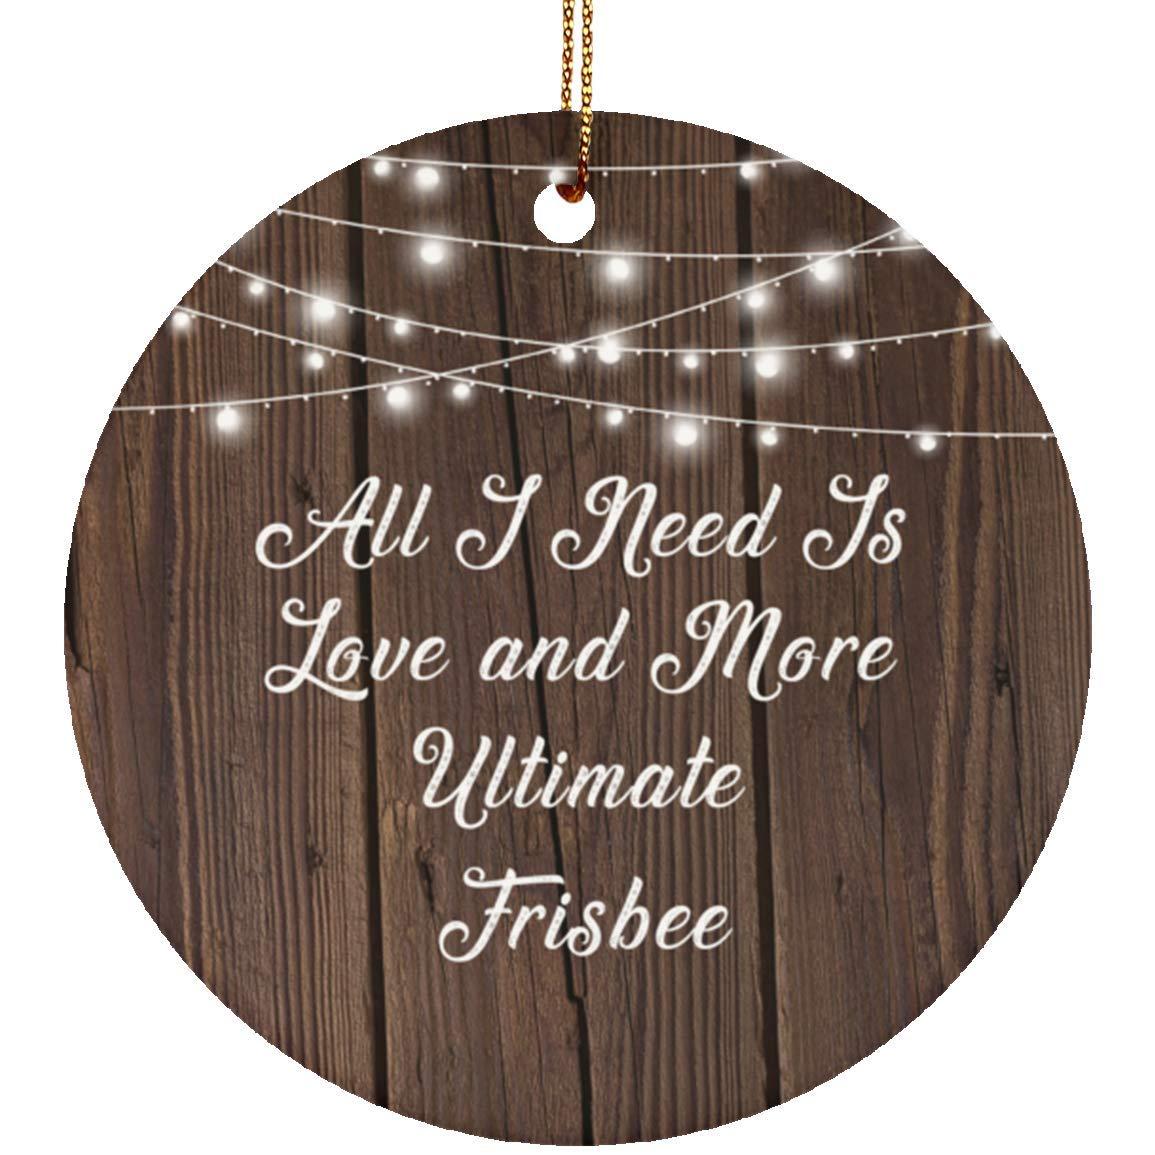 a43dac8b12b8e Amazon.com: All I Need is Love & More Ultimate Frisbee - Ceramic ...